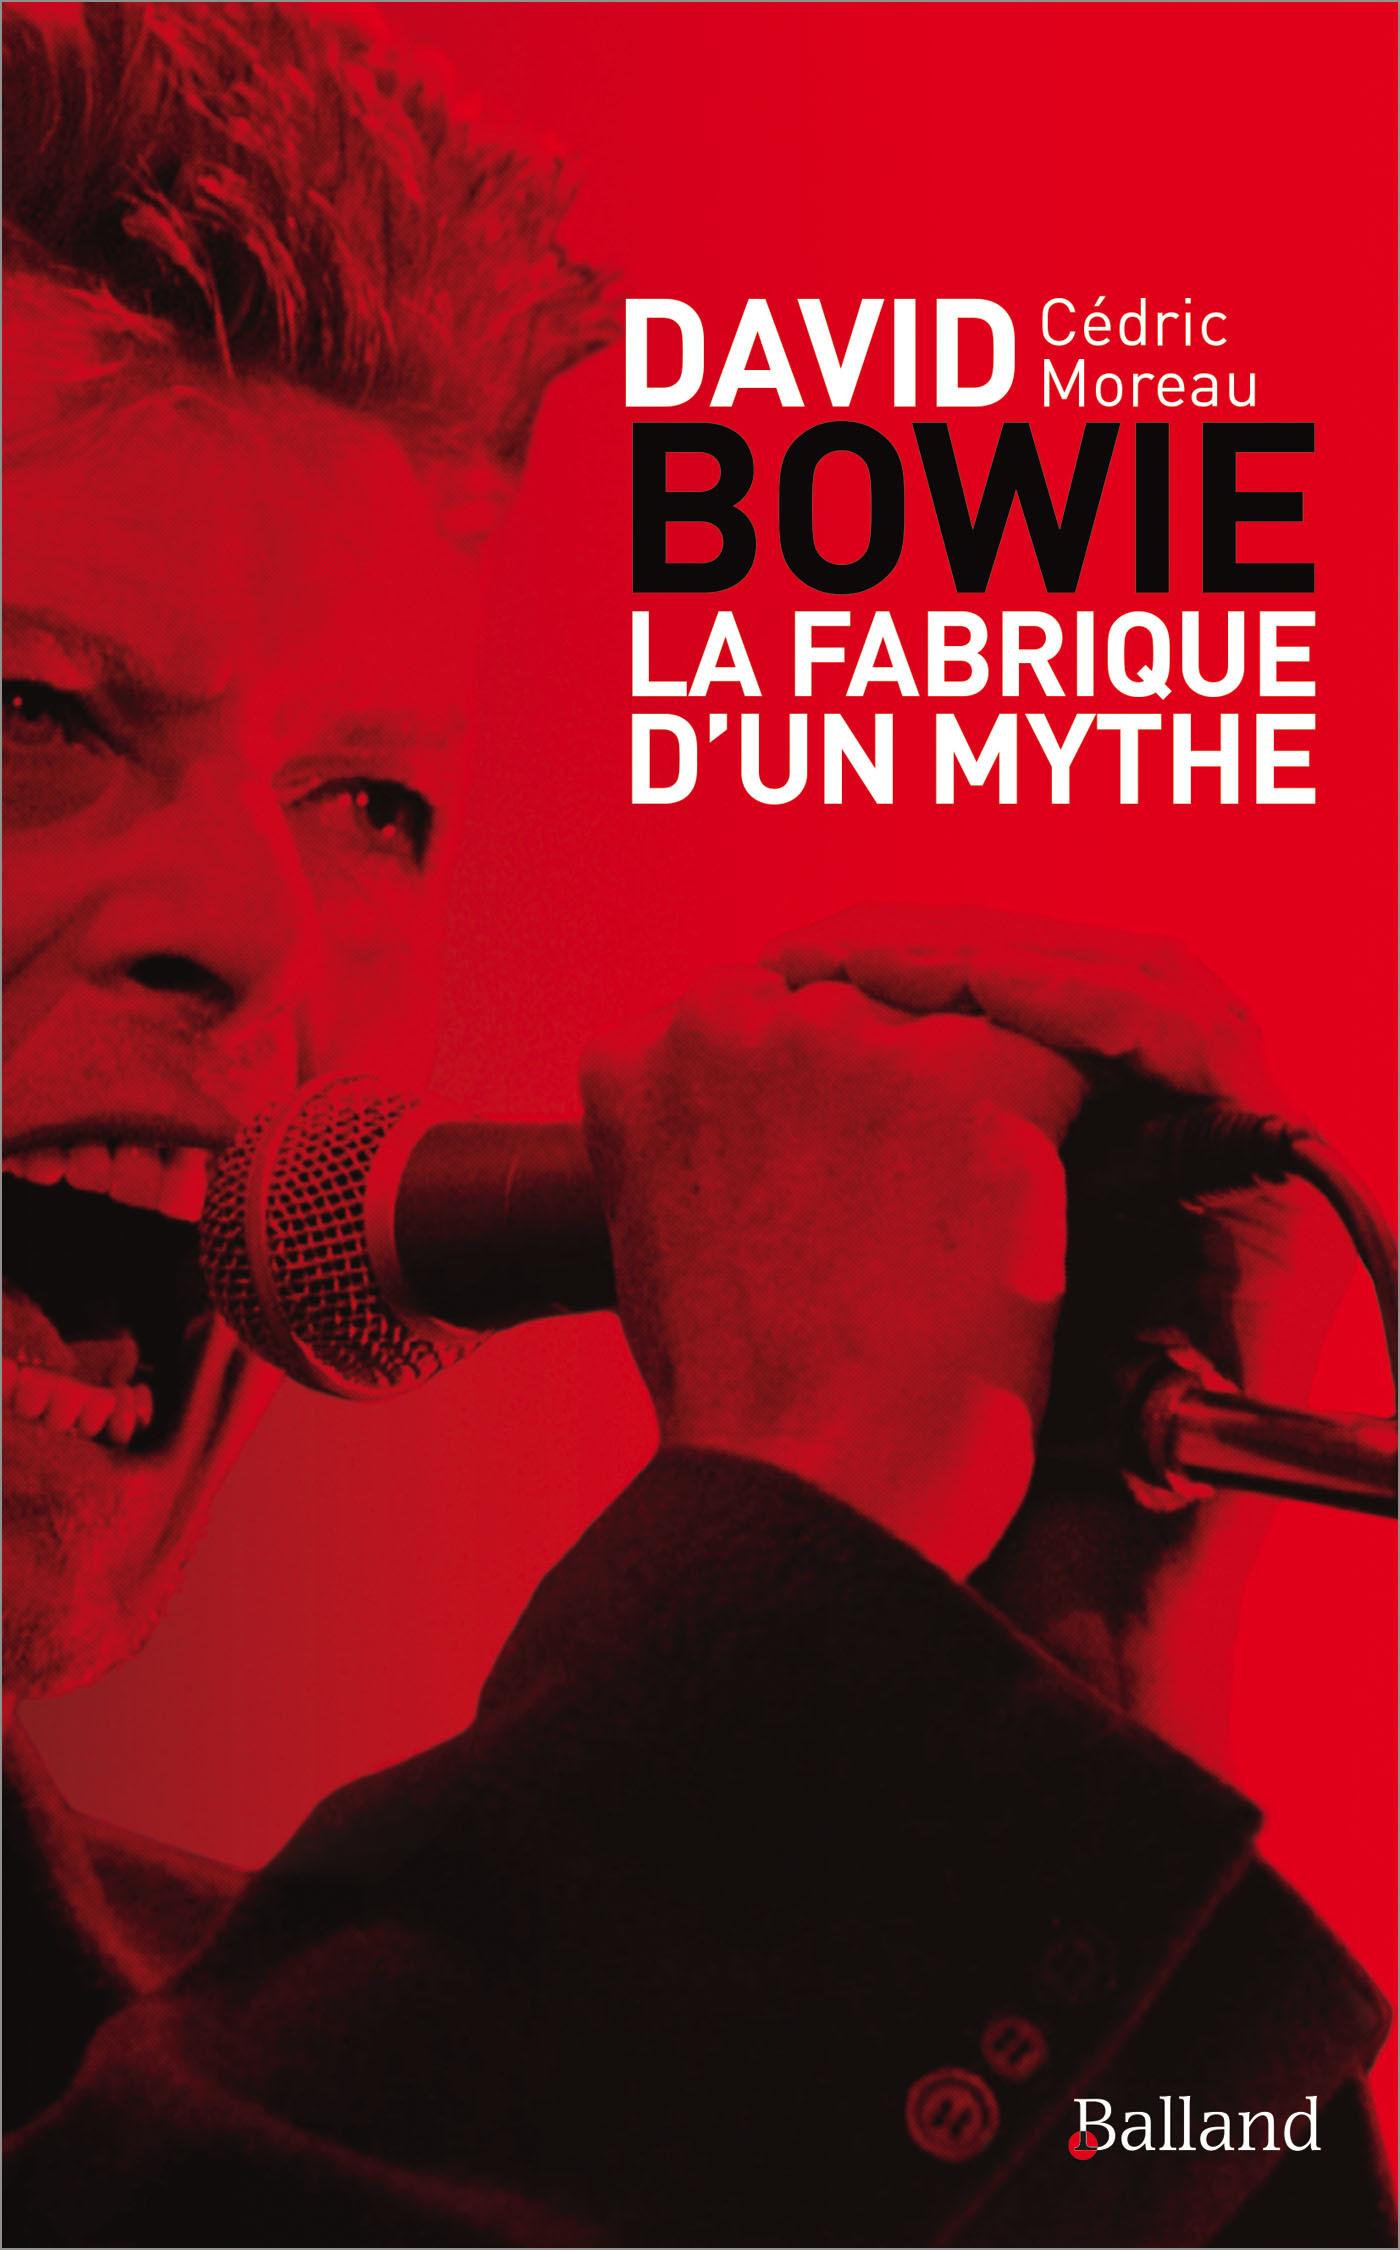 DAVID BOWIE - LA FABRIQUE D'UN MYTHE